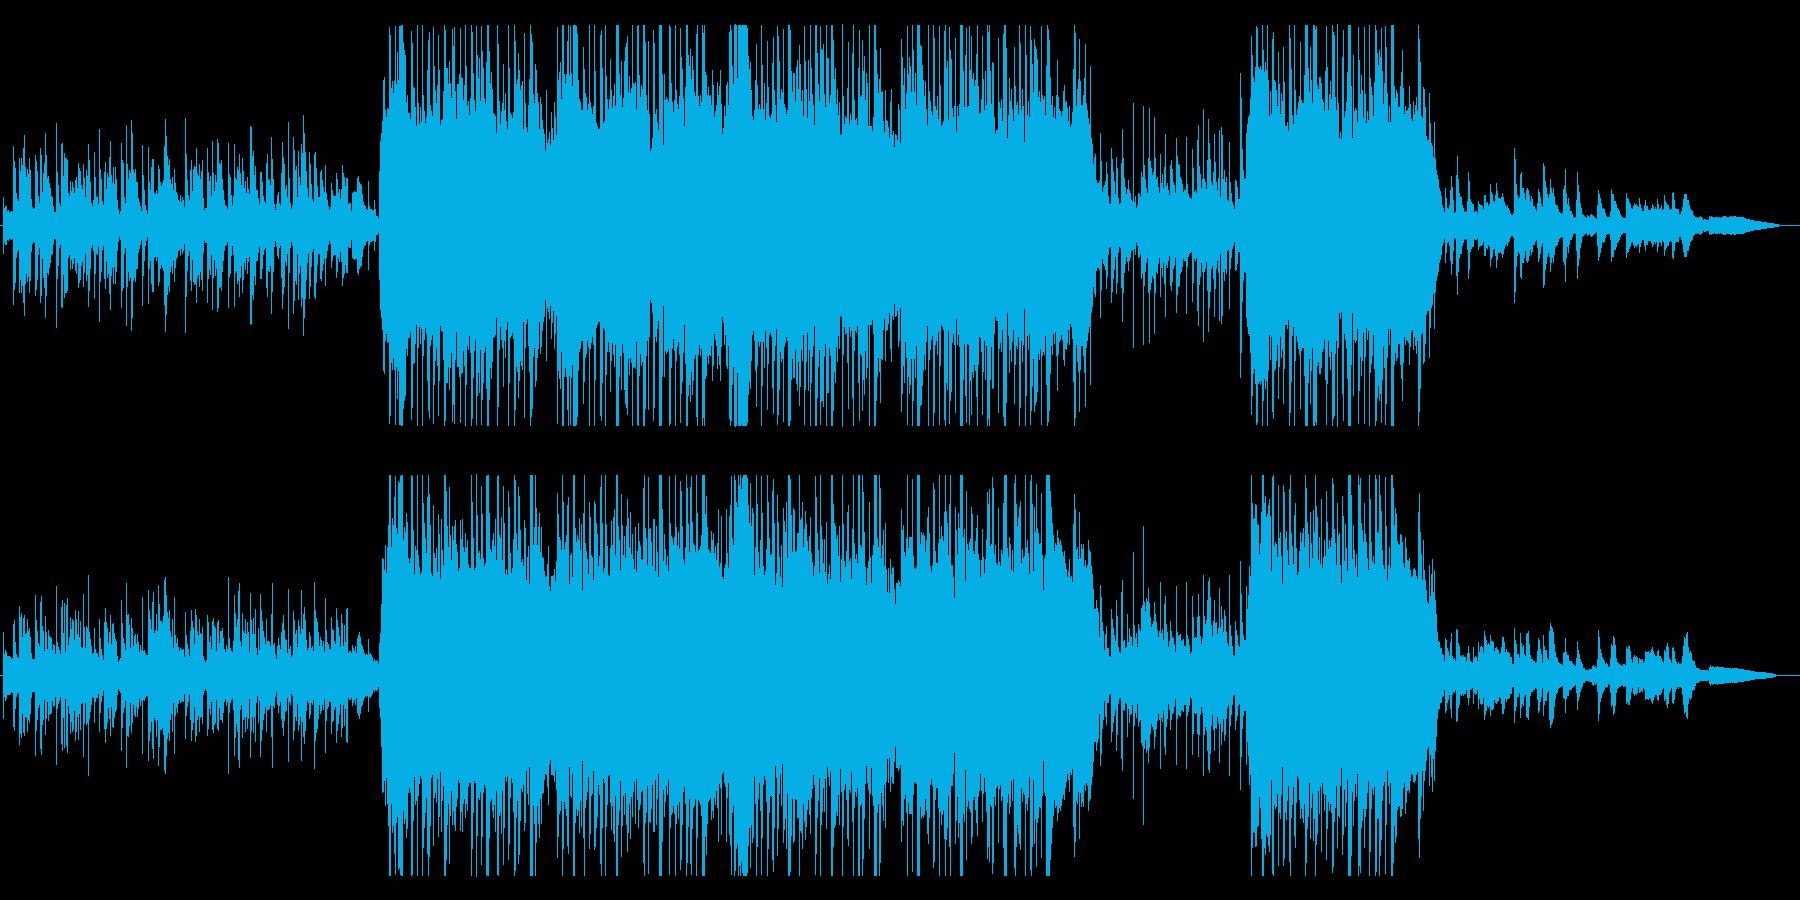 中国楽器とピアノの旋律が印象的なBGMの再生済みの波形